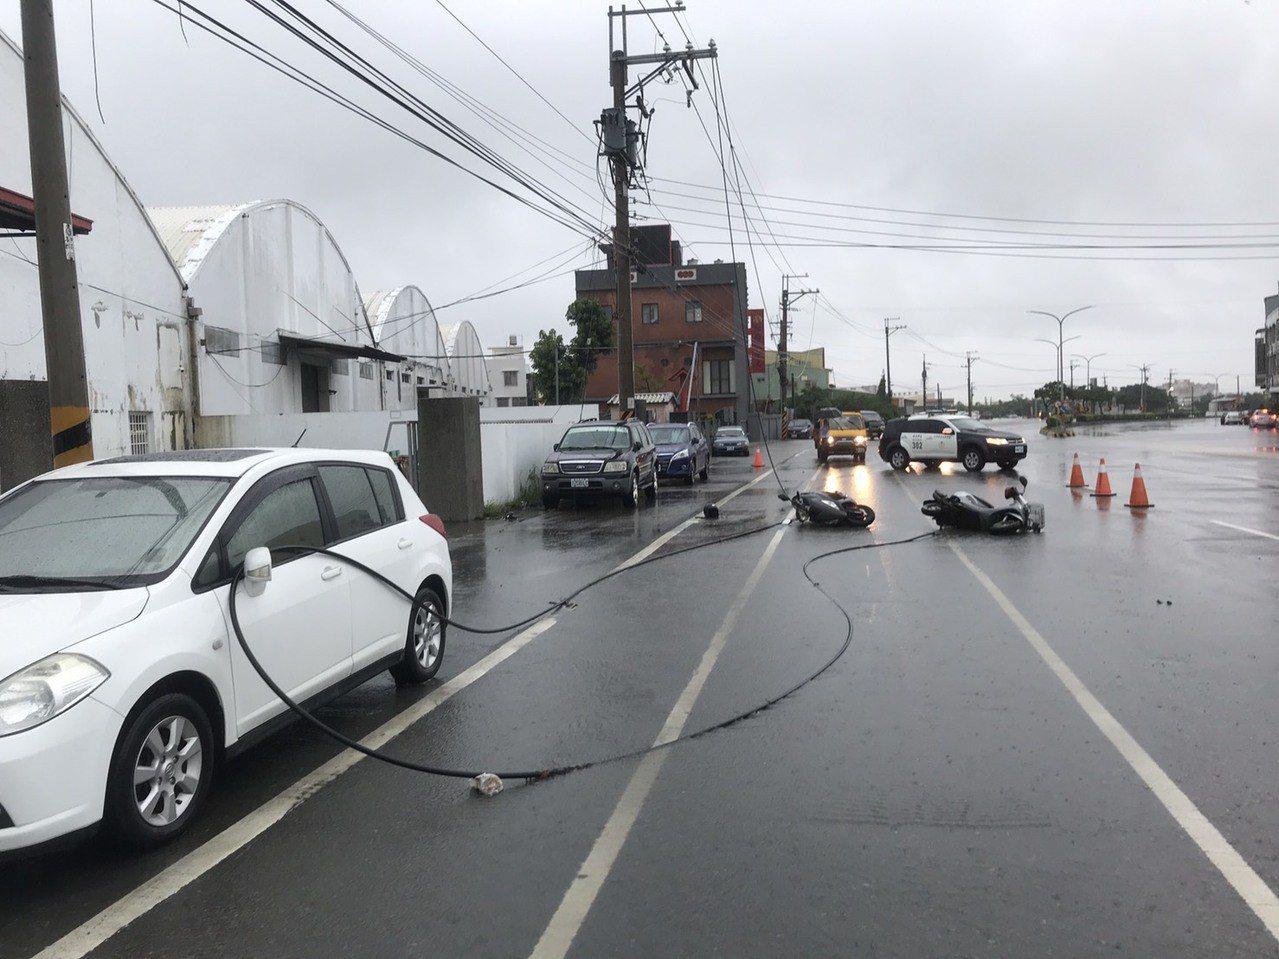 台中市大甲區昨天發生高壓電線斷落,騎士觸電意外,男騎士不治。圖/警方提供